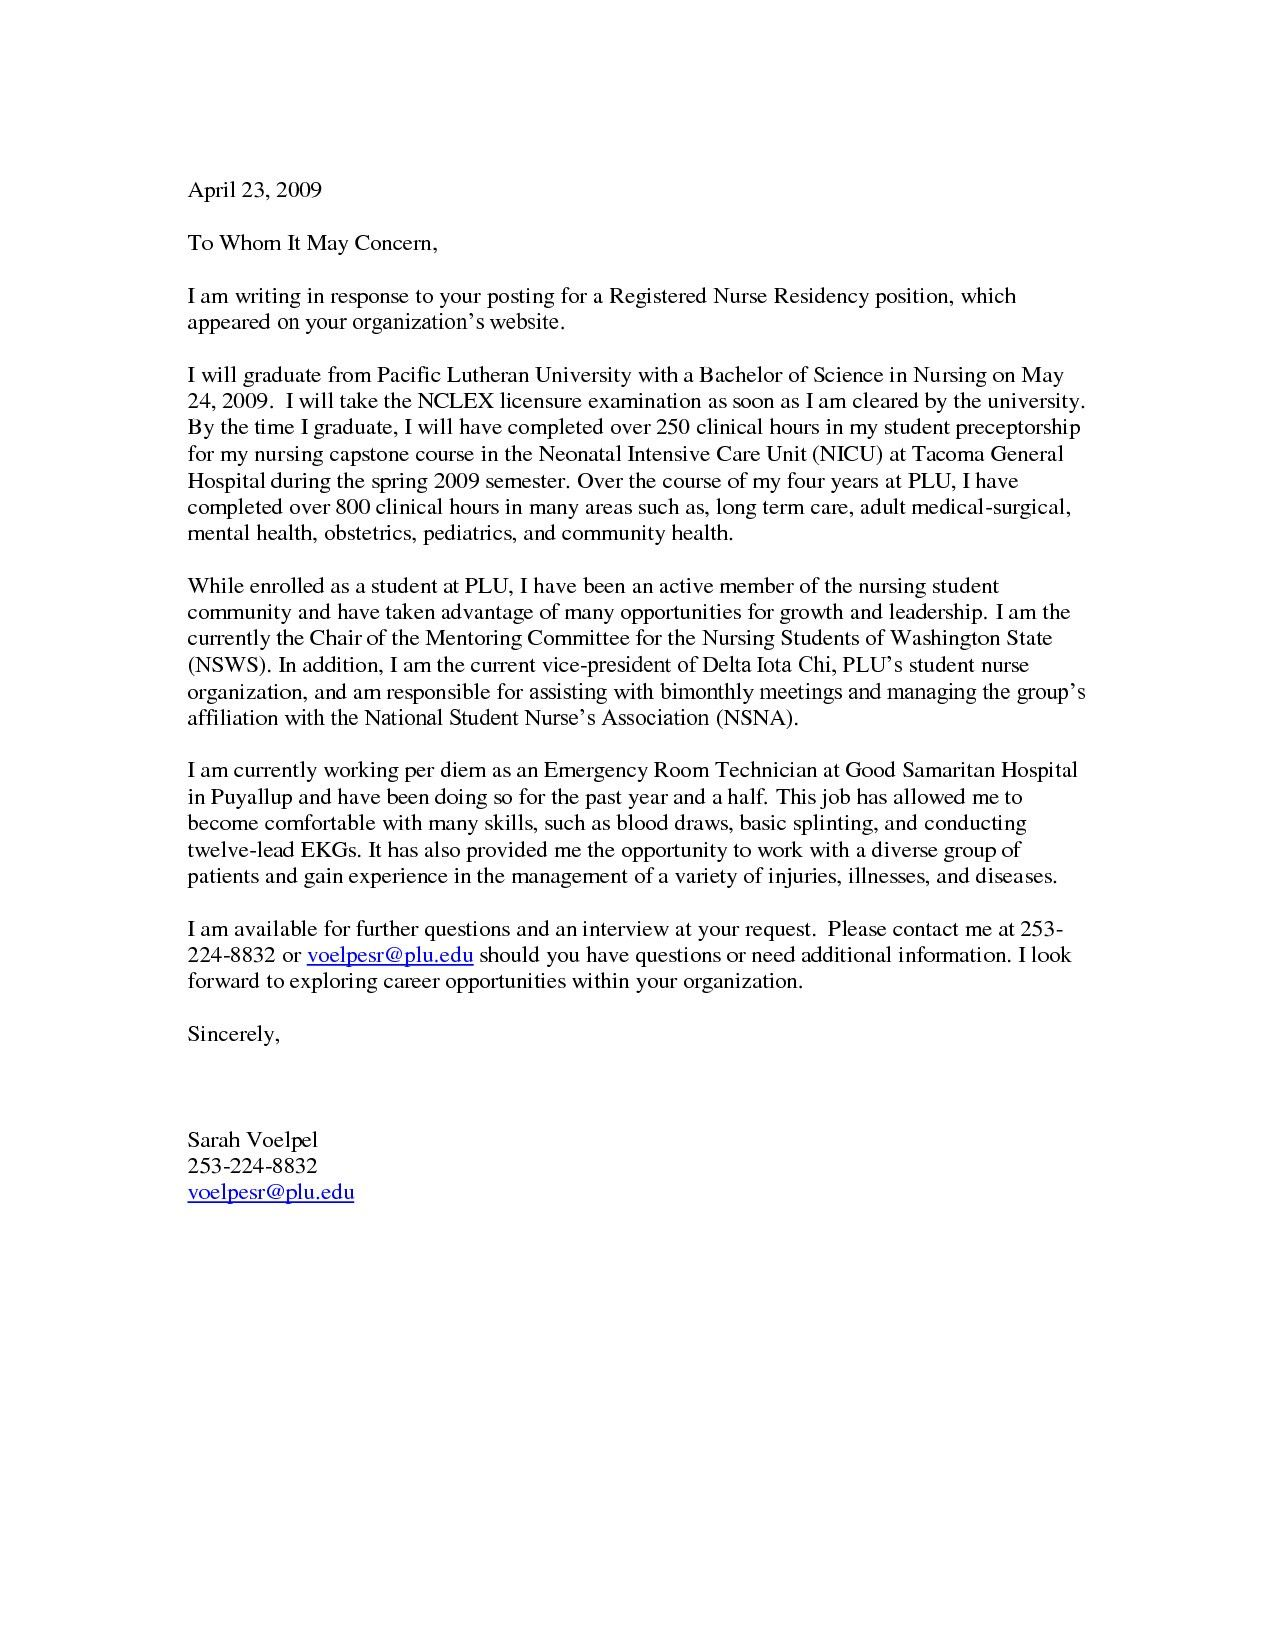 25 nursing cover letter new grad nursing cover letter